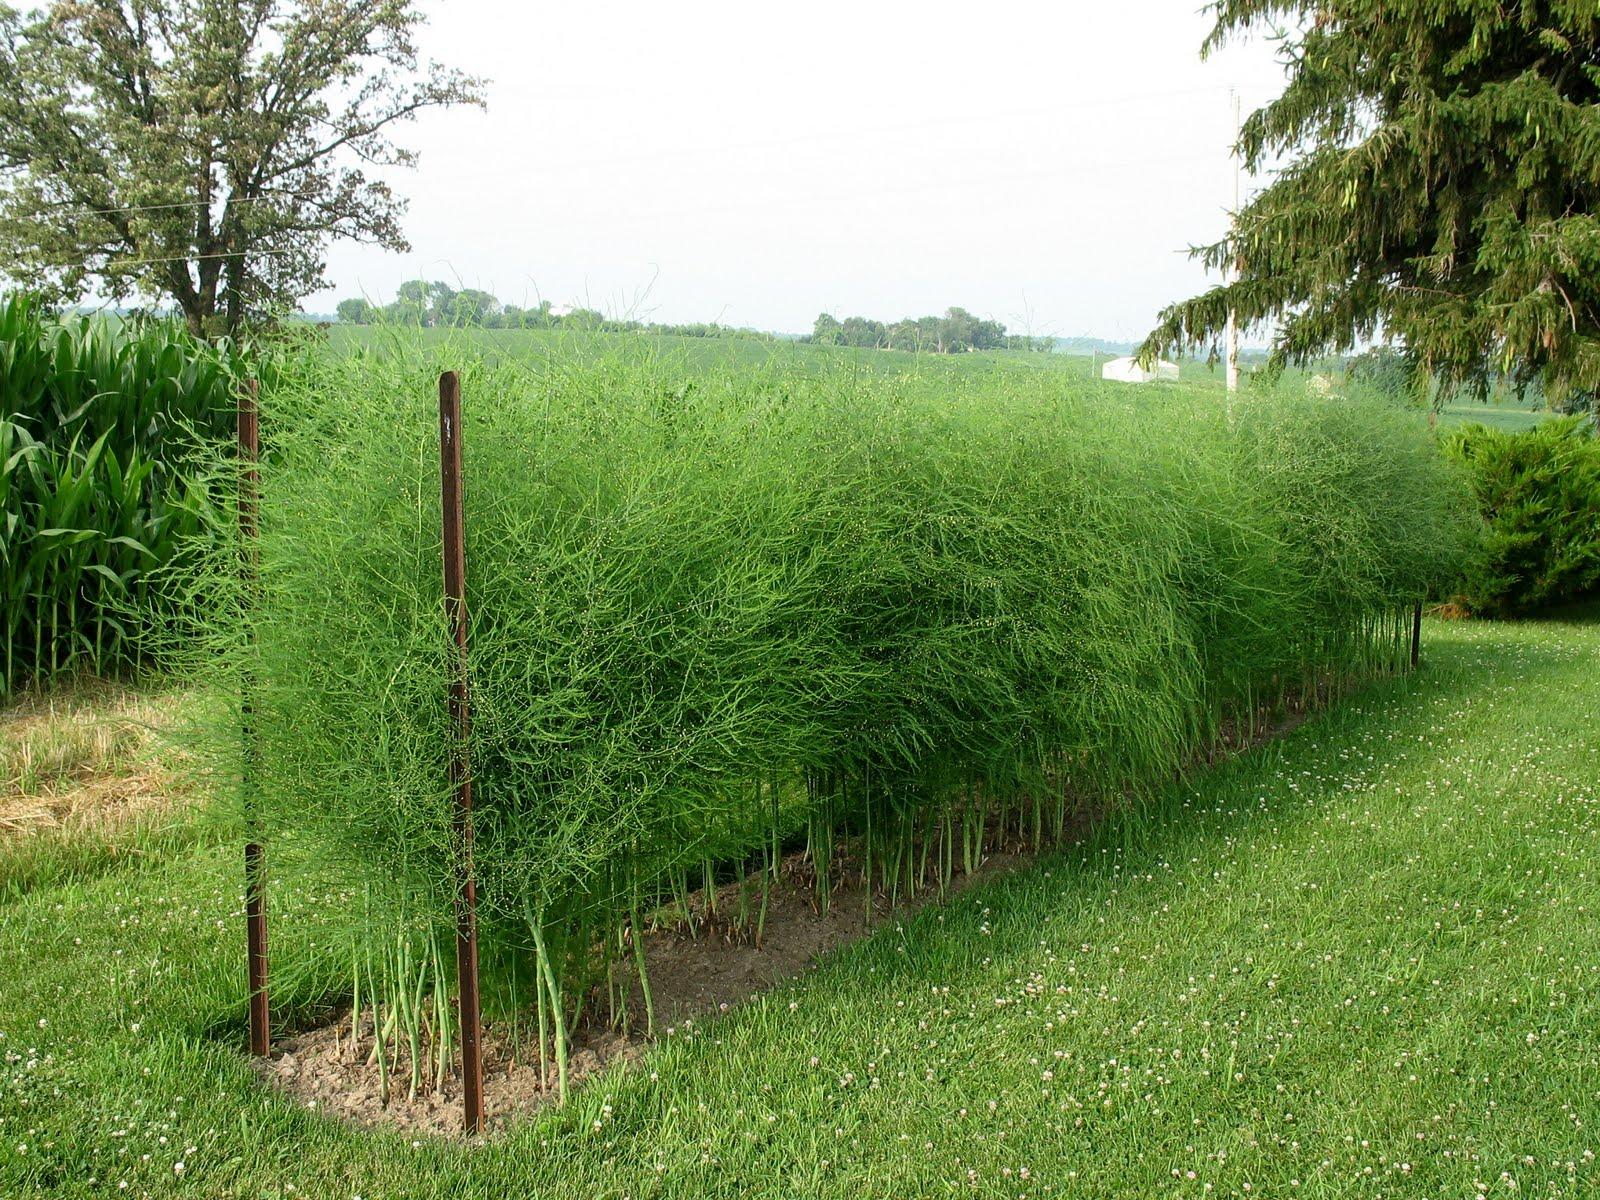 how to stop weeds growing in garden beds